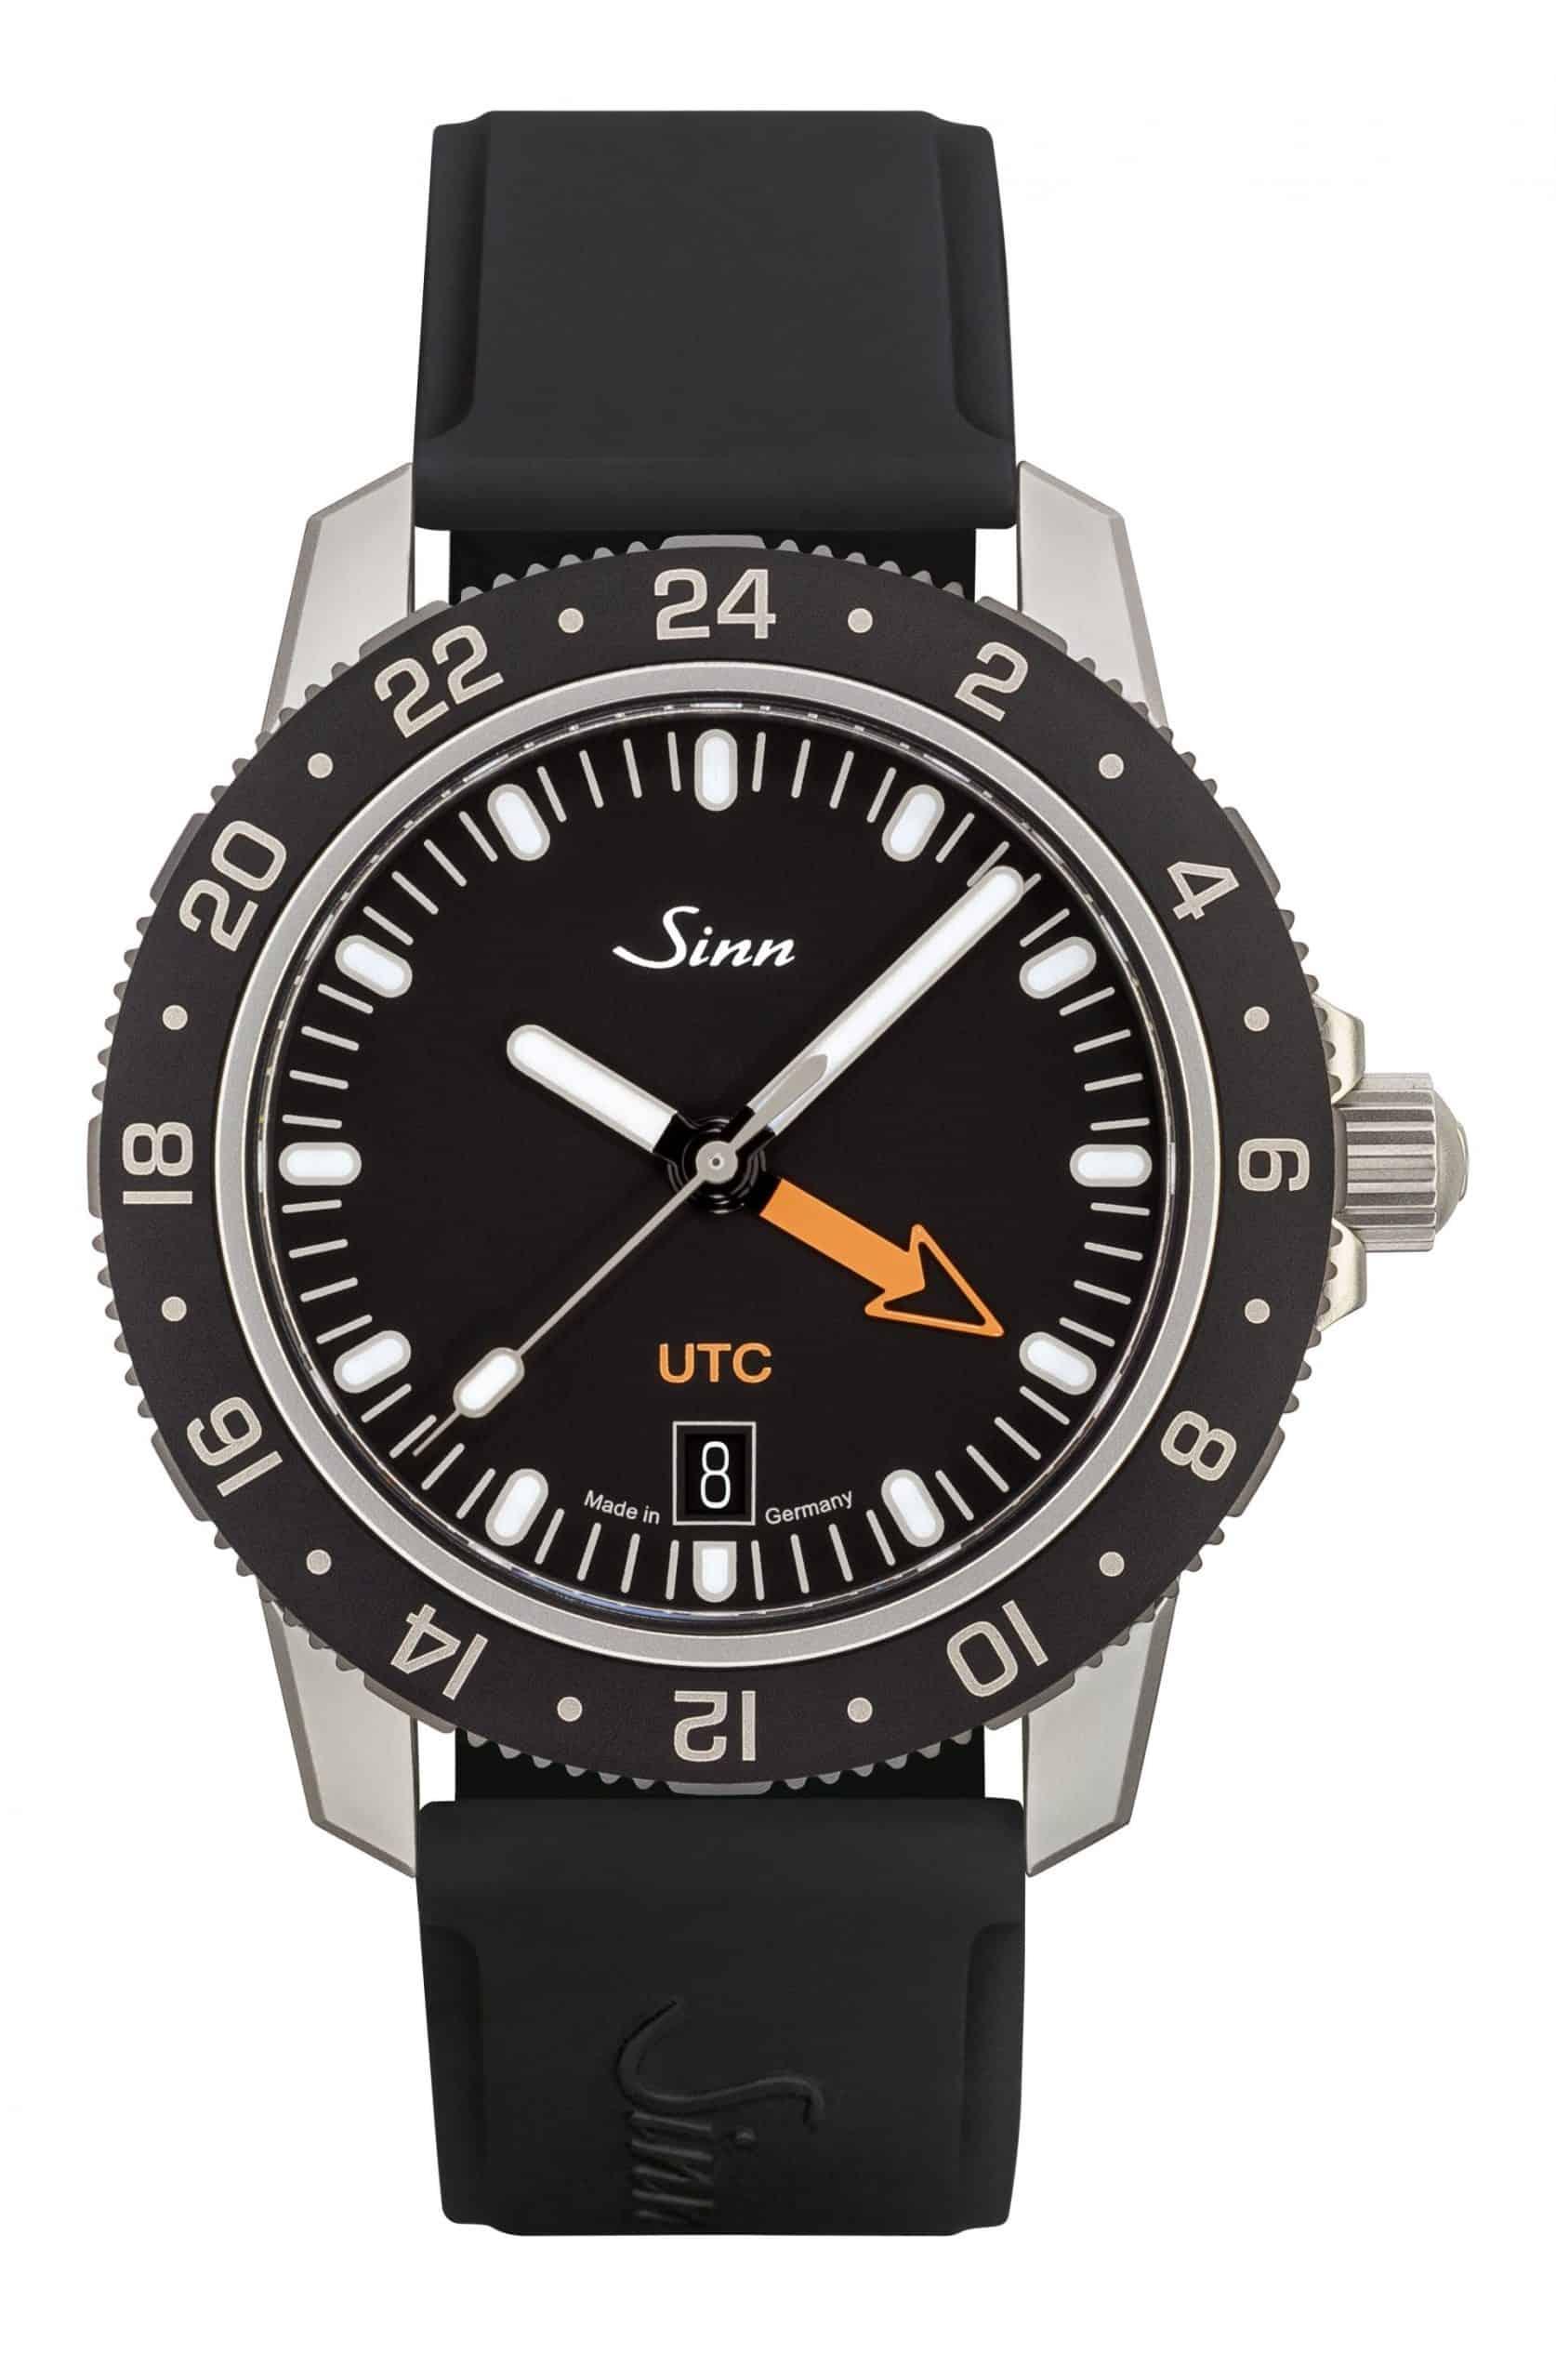 Die Version Sinn 105 St Sa UTC mit Silikonband gibt es für 1.590 Euro